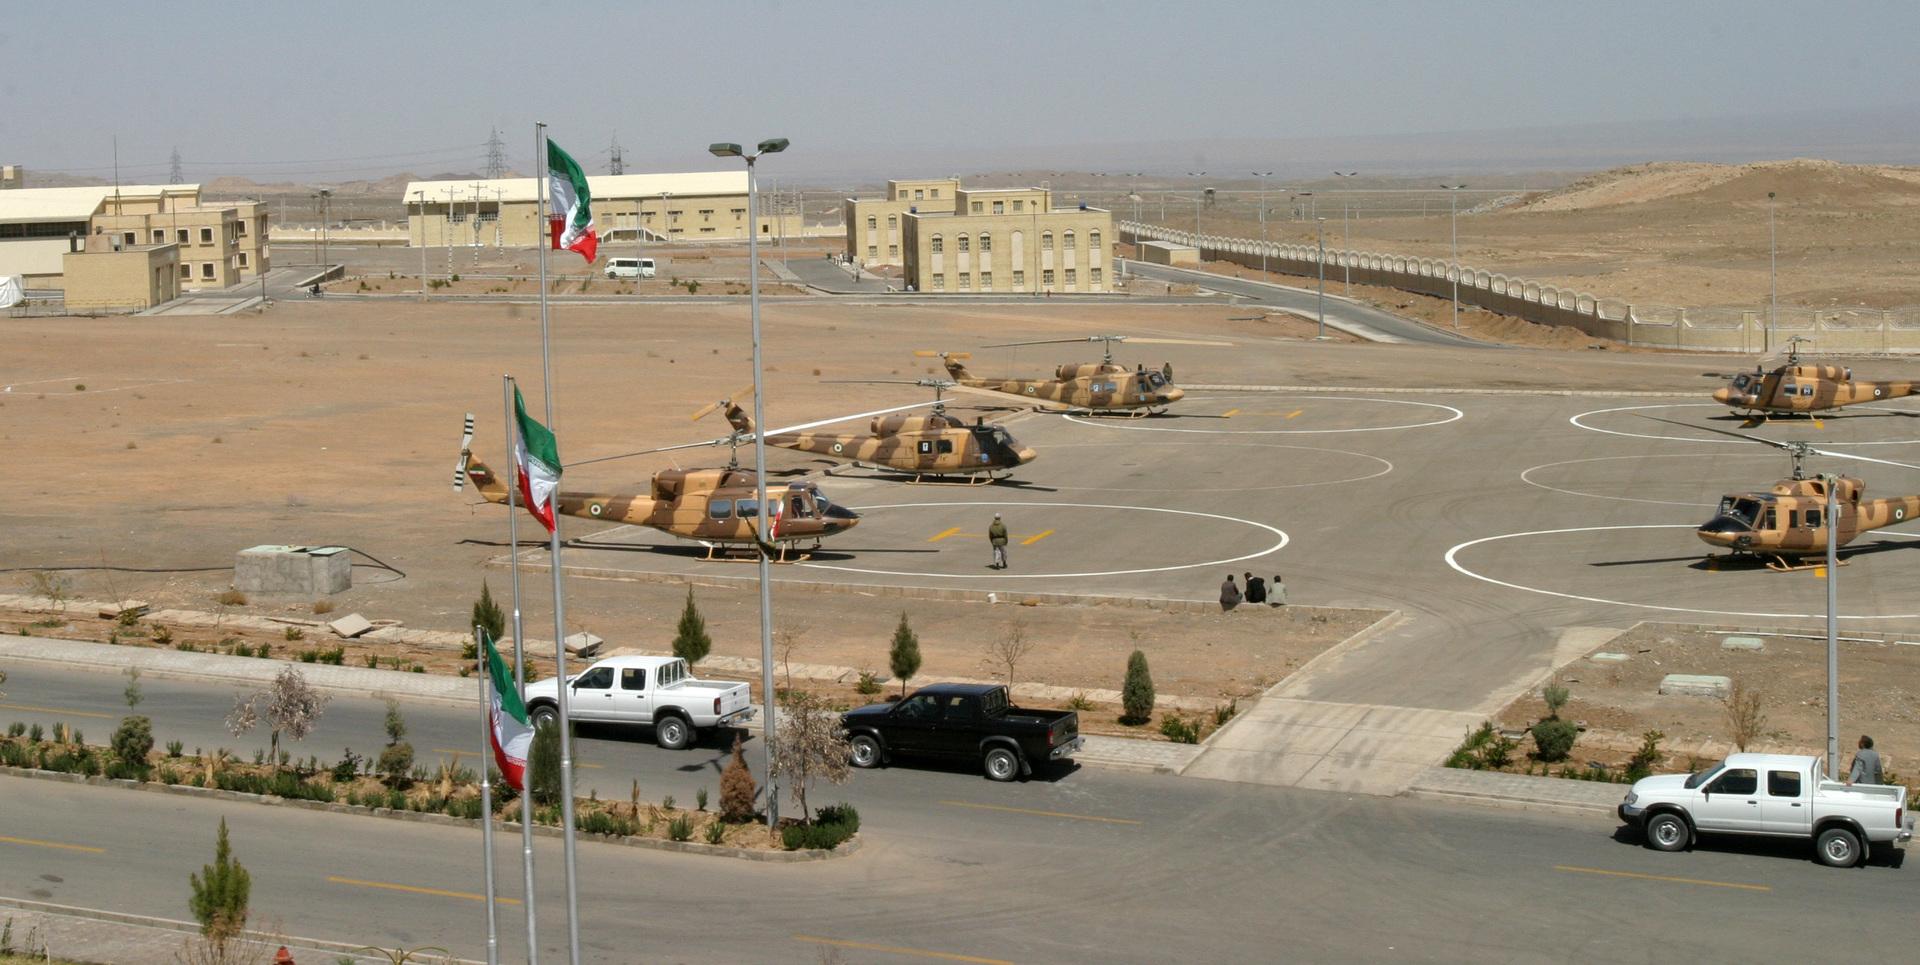 منشأة نطنز لتخصيب اليورانيوم، جنوب طهران 30 مارس 2005